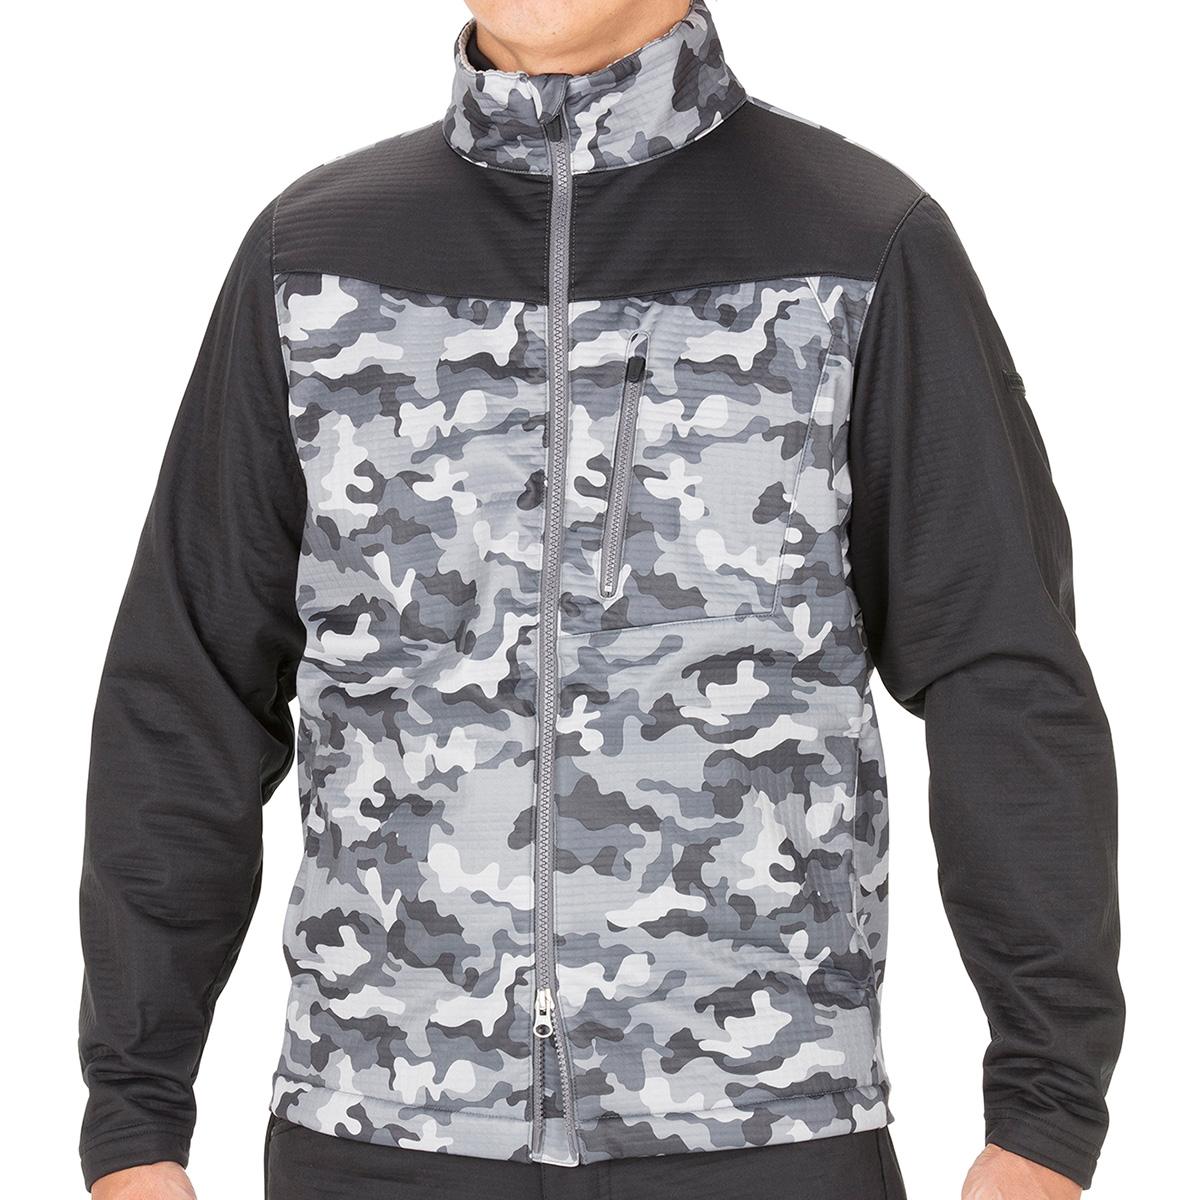 防風ボンディングジャケット(3層モデル)